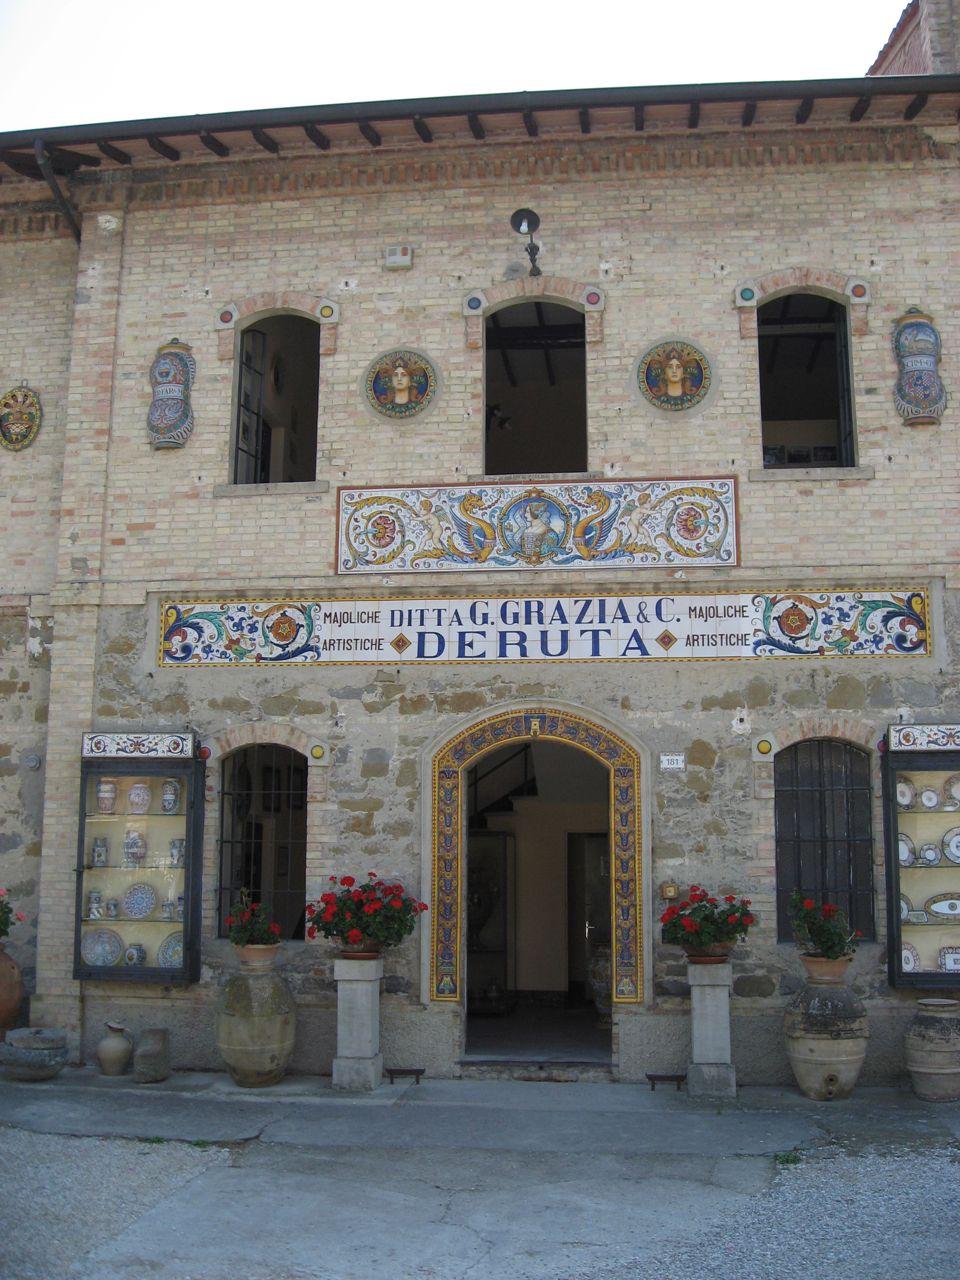 Majoliche Grazia in Deruta